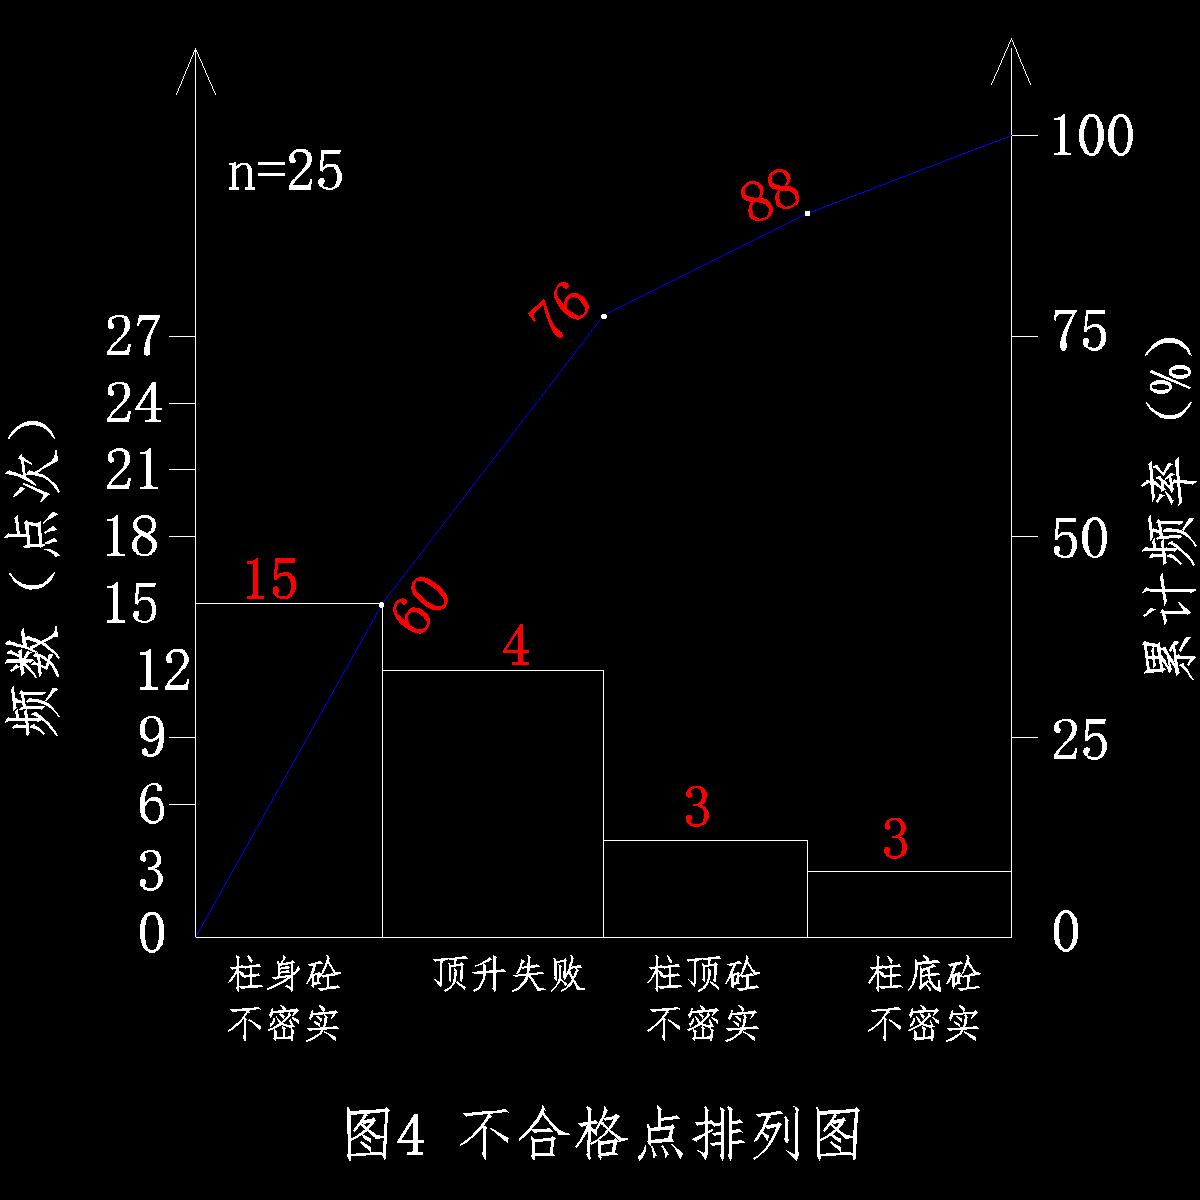 图4.dwg